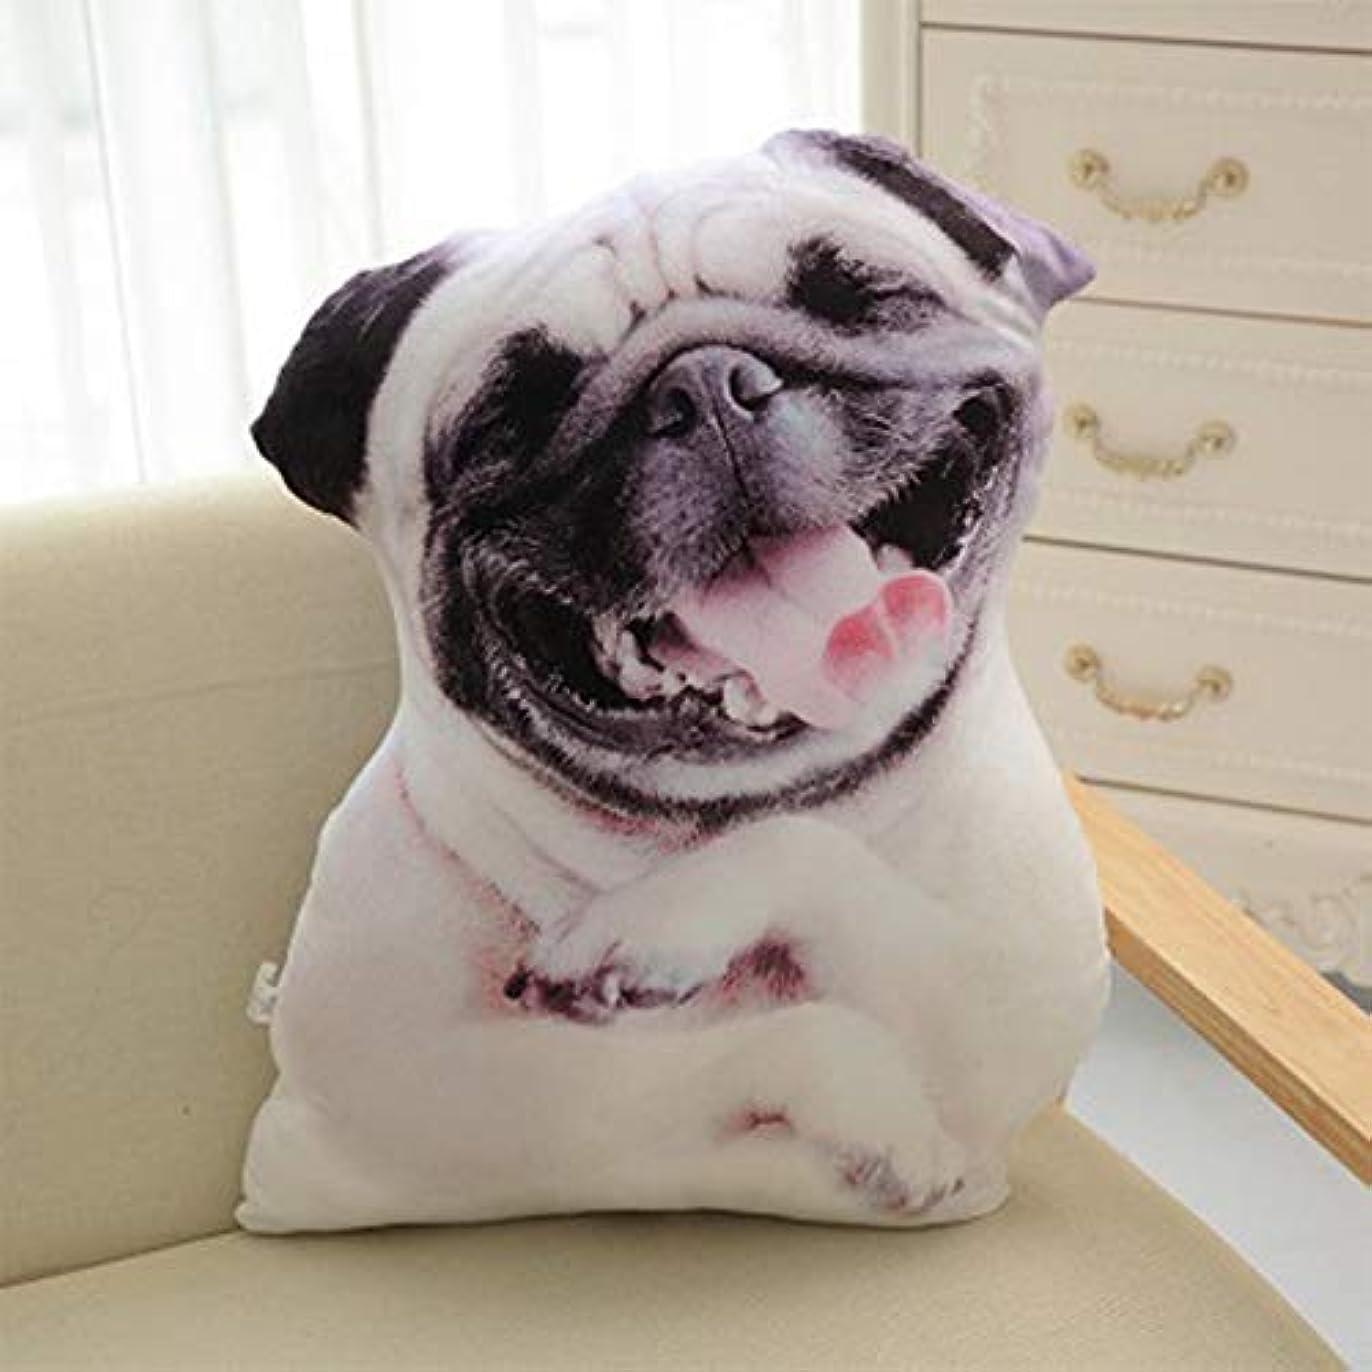 余剰プレート参照LIFE 3D プリントシミュレーション犬ぬいぐるみクッションぬいぐるみ犬ぬいぐるみ枕ぬいぐるみの漫画クッションキッズ人形ベストギフト クッション 椅子